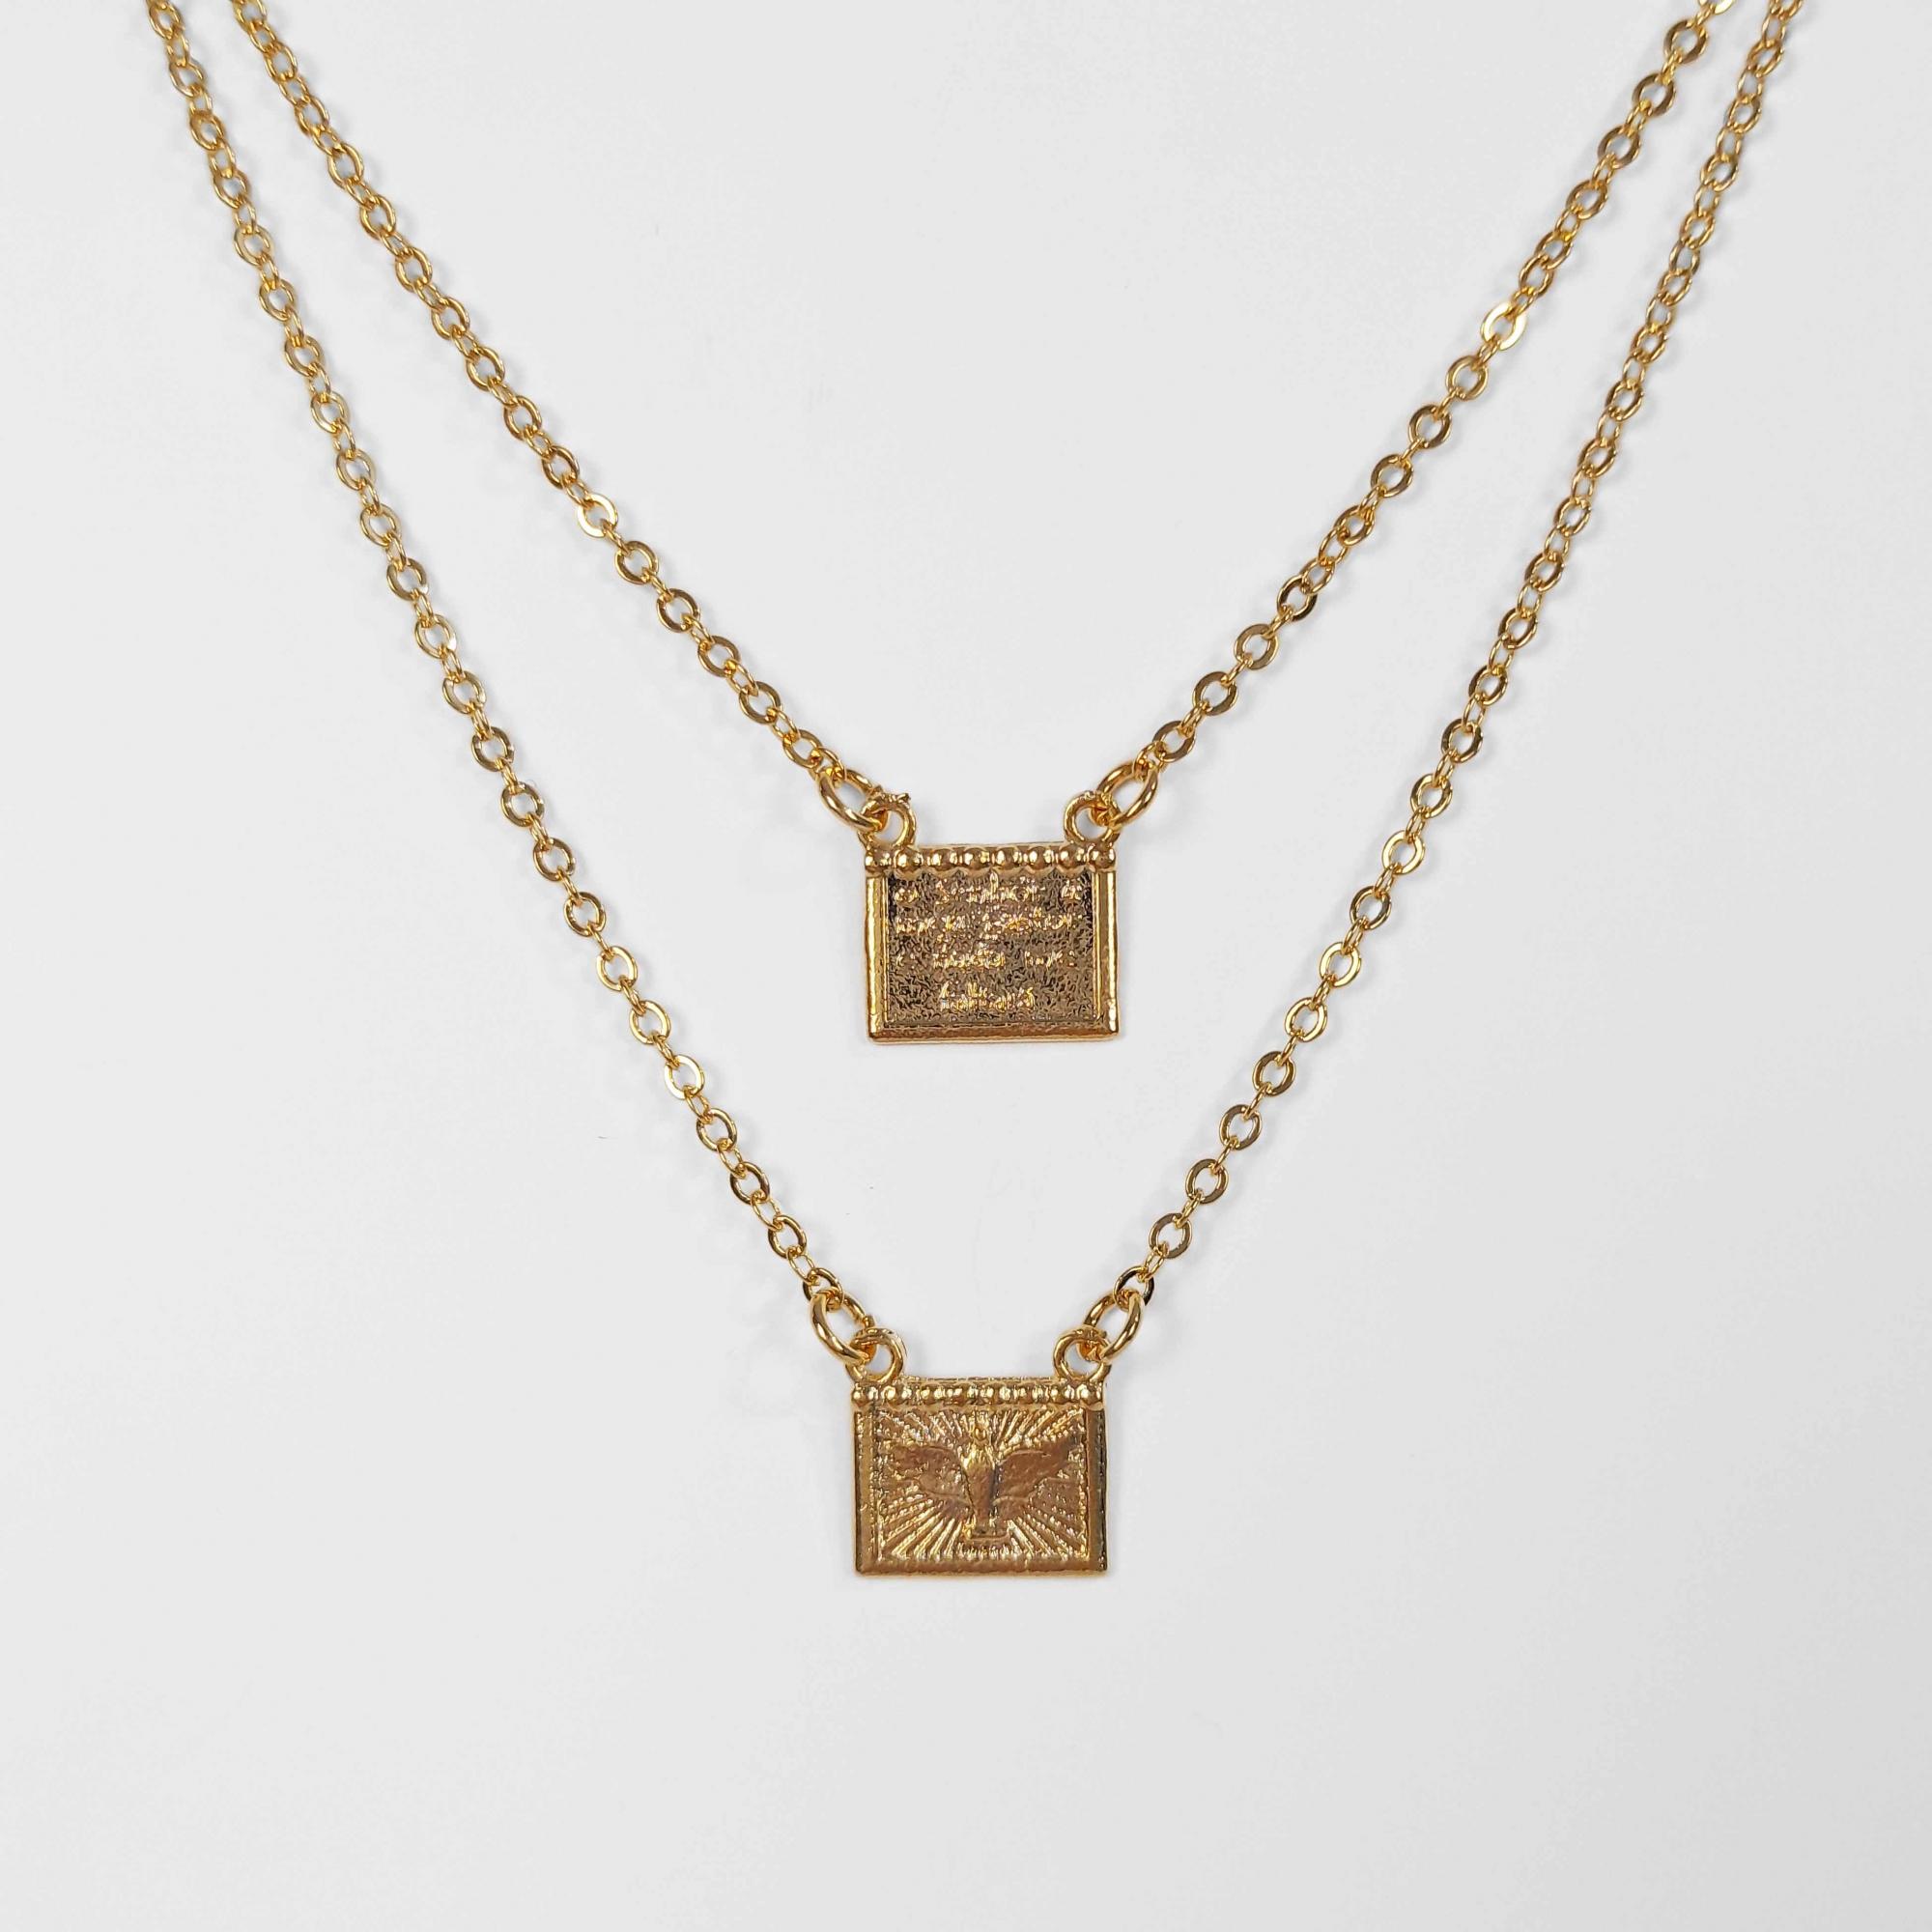 Escapulário Espirito Santo com Mensagem 60cm Folheado Ouro 18K  - Lunozê Joias